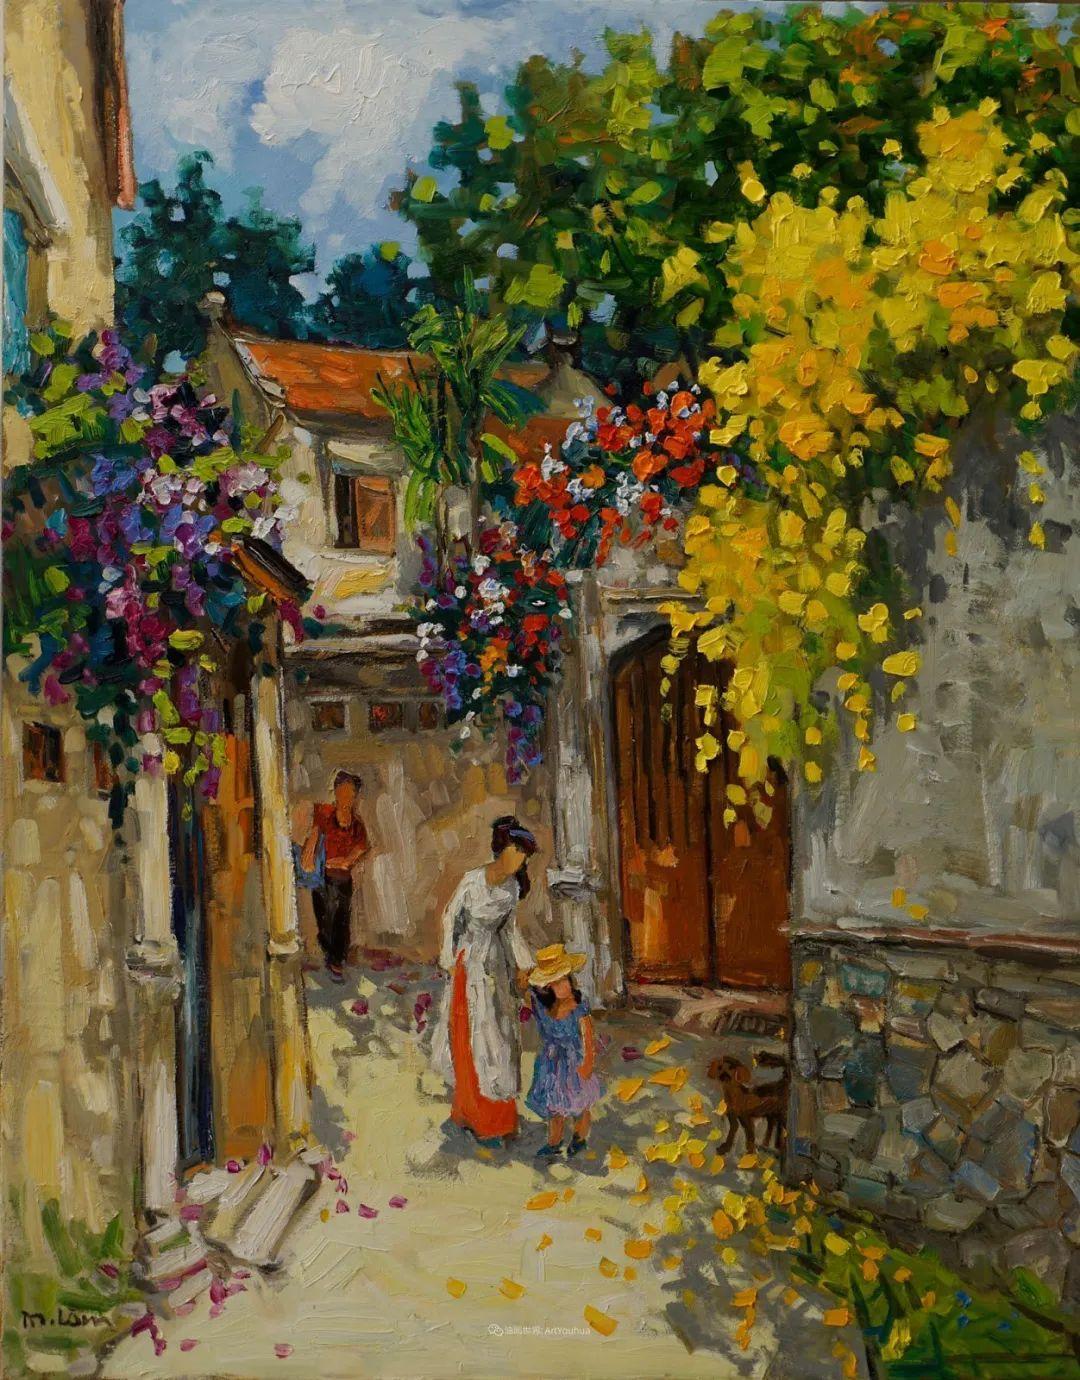 越南画家笔下的美景、美人!插图4